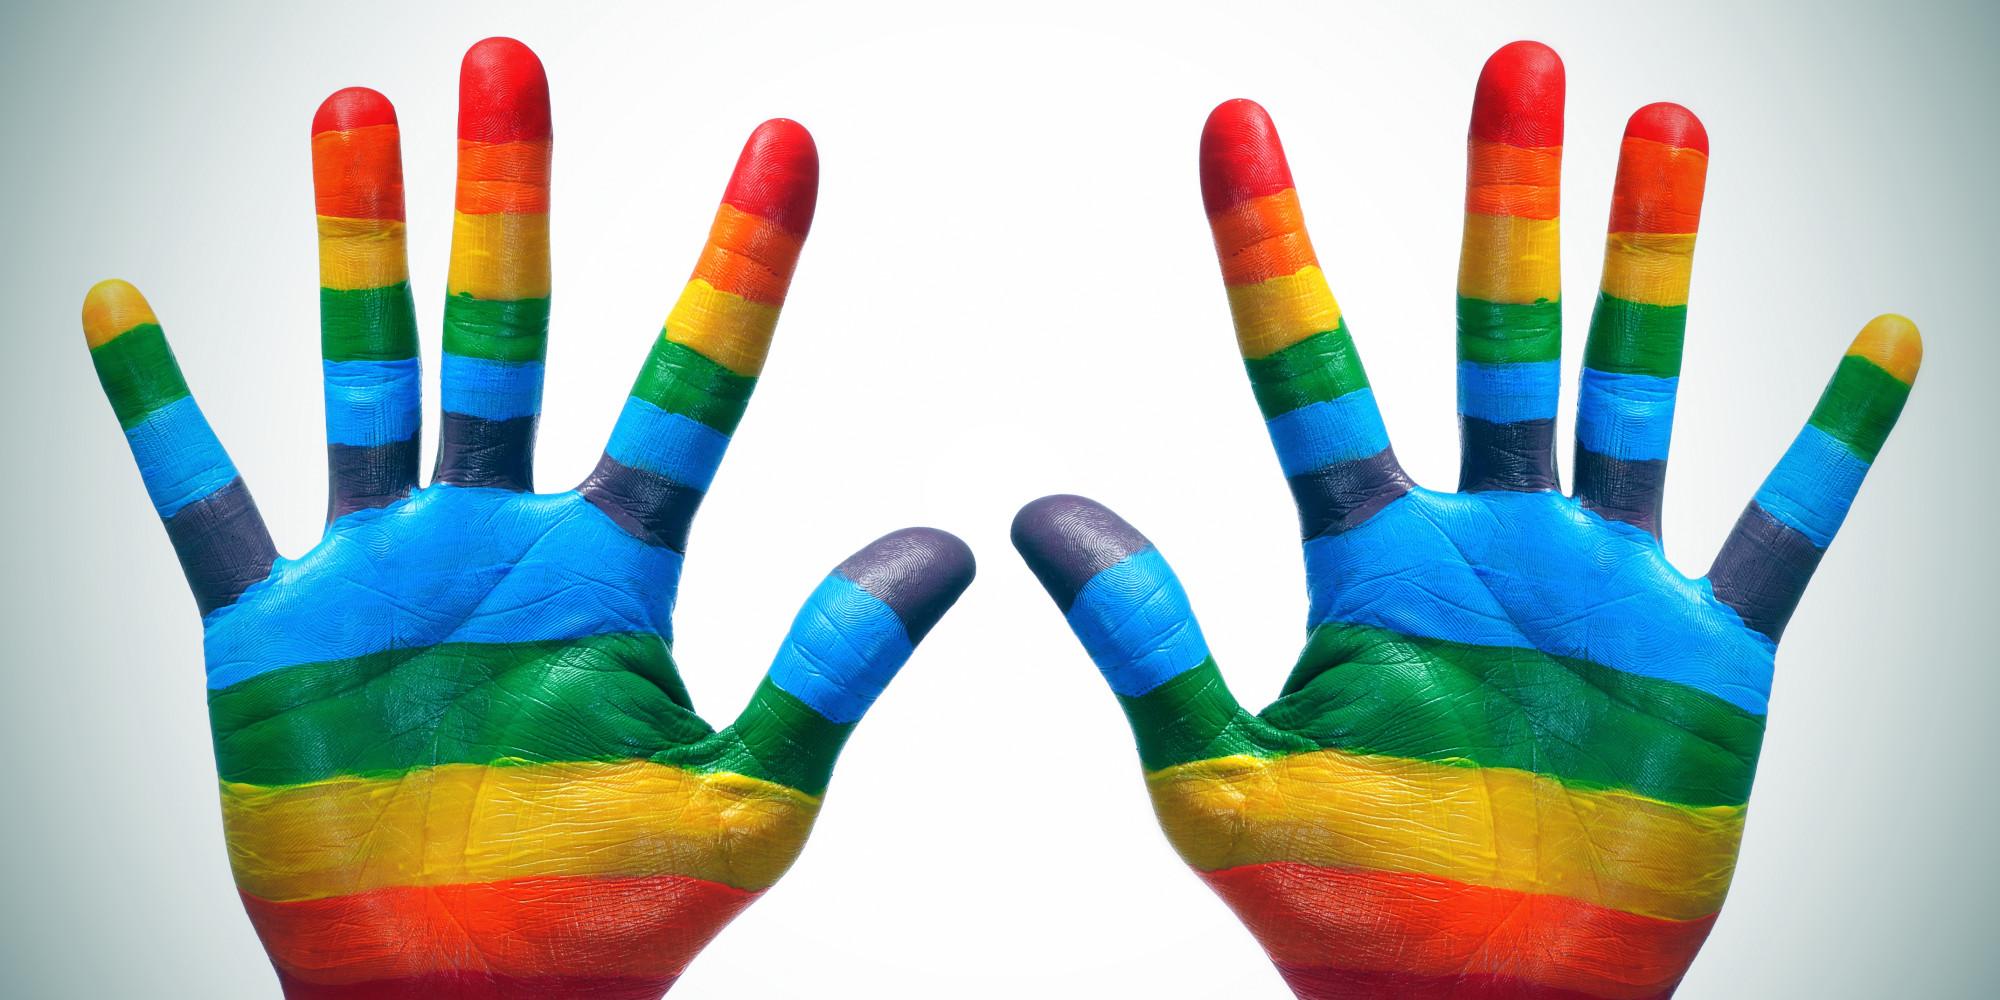 Omofobia di stato: com'è la situazione in Italia e nel resto del mondo?